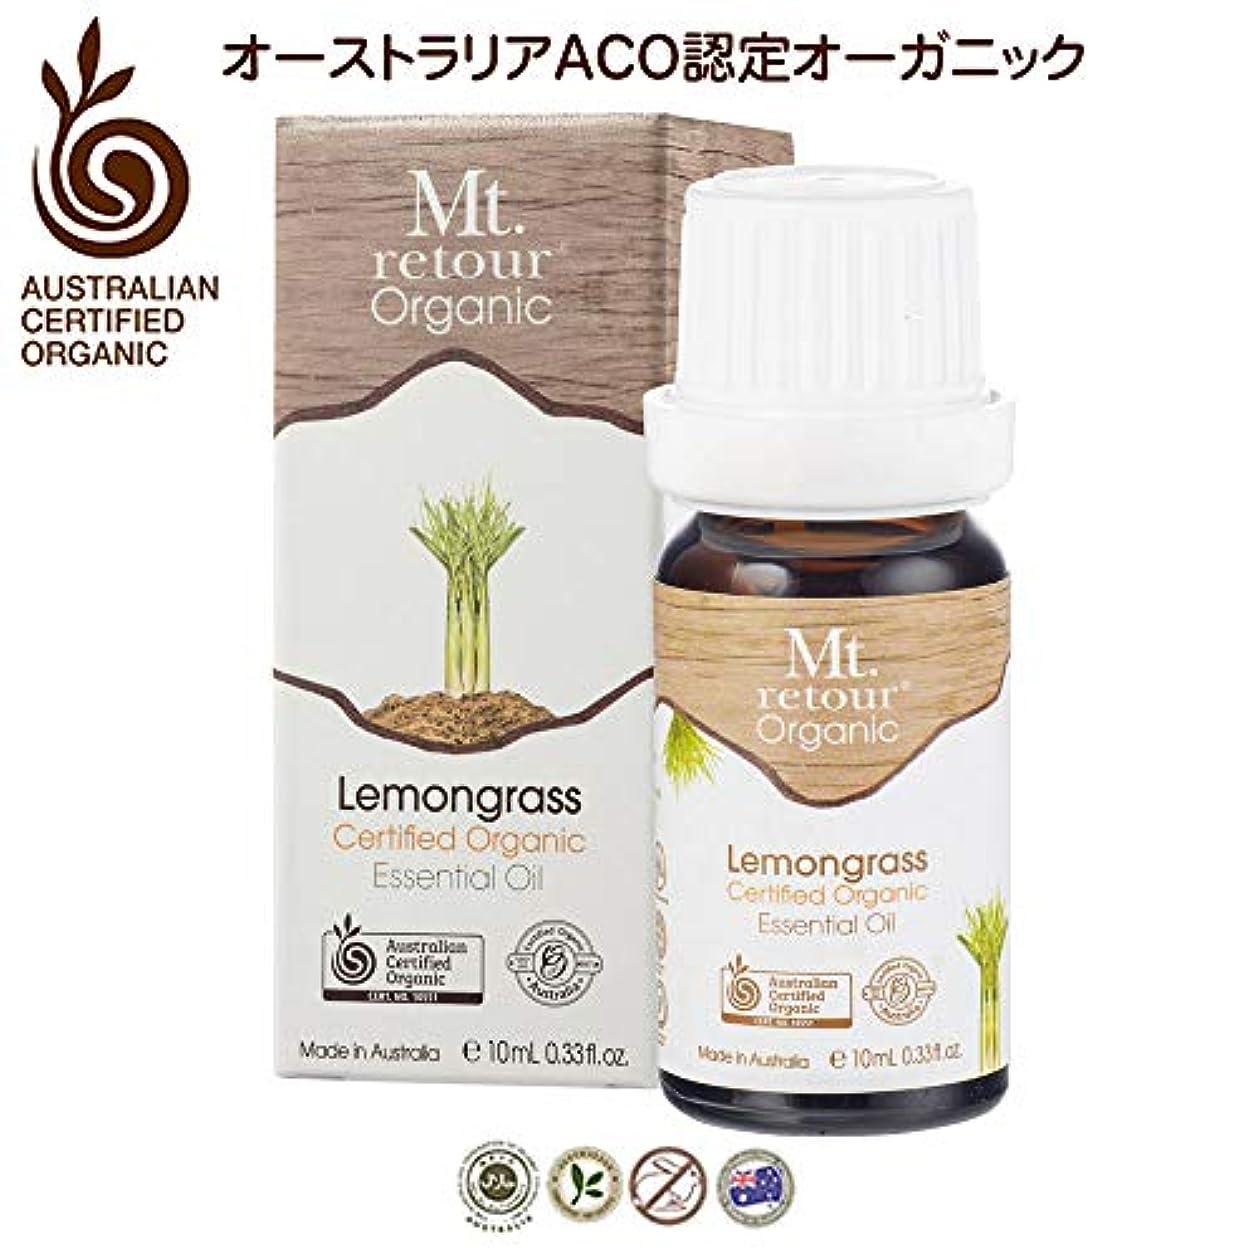 奇妙な活気づける怪物Mt. retour ACO認定オーガニック レモングラス 10ml エッセンシャルオイル(無農薬有機)アロマ